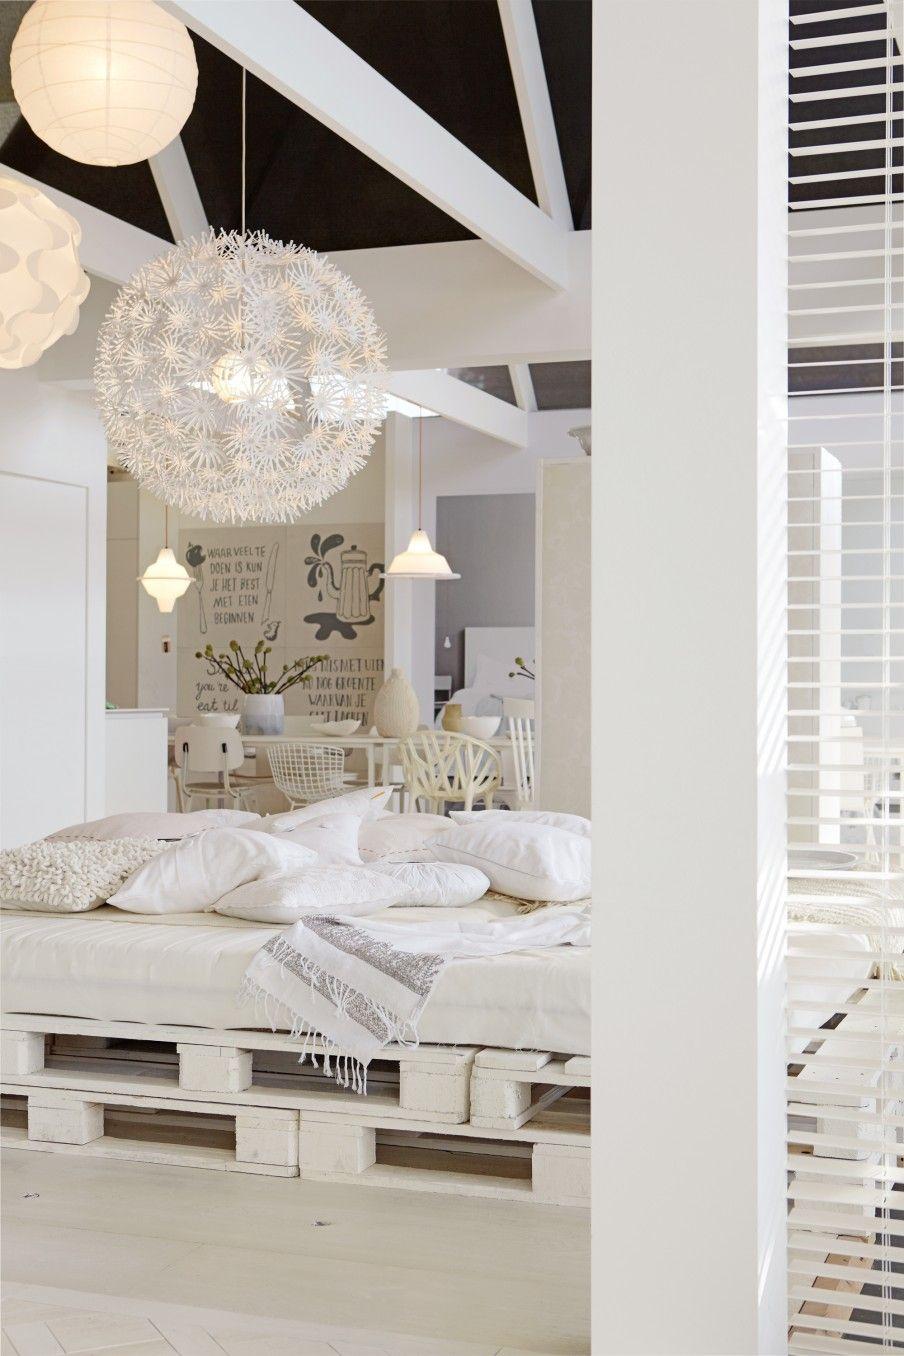 40 Creative Wood Pallet Bed Design Ideas | Pallet bed frames, Bed ...